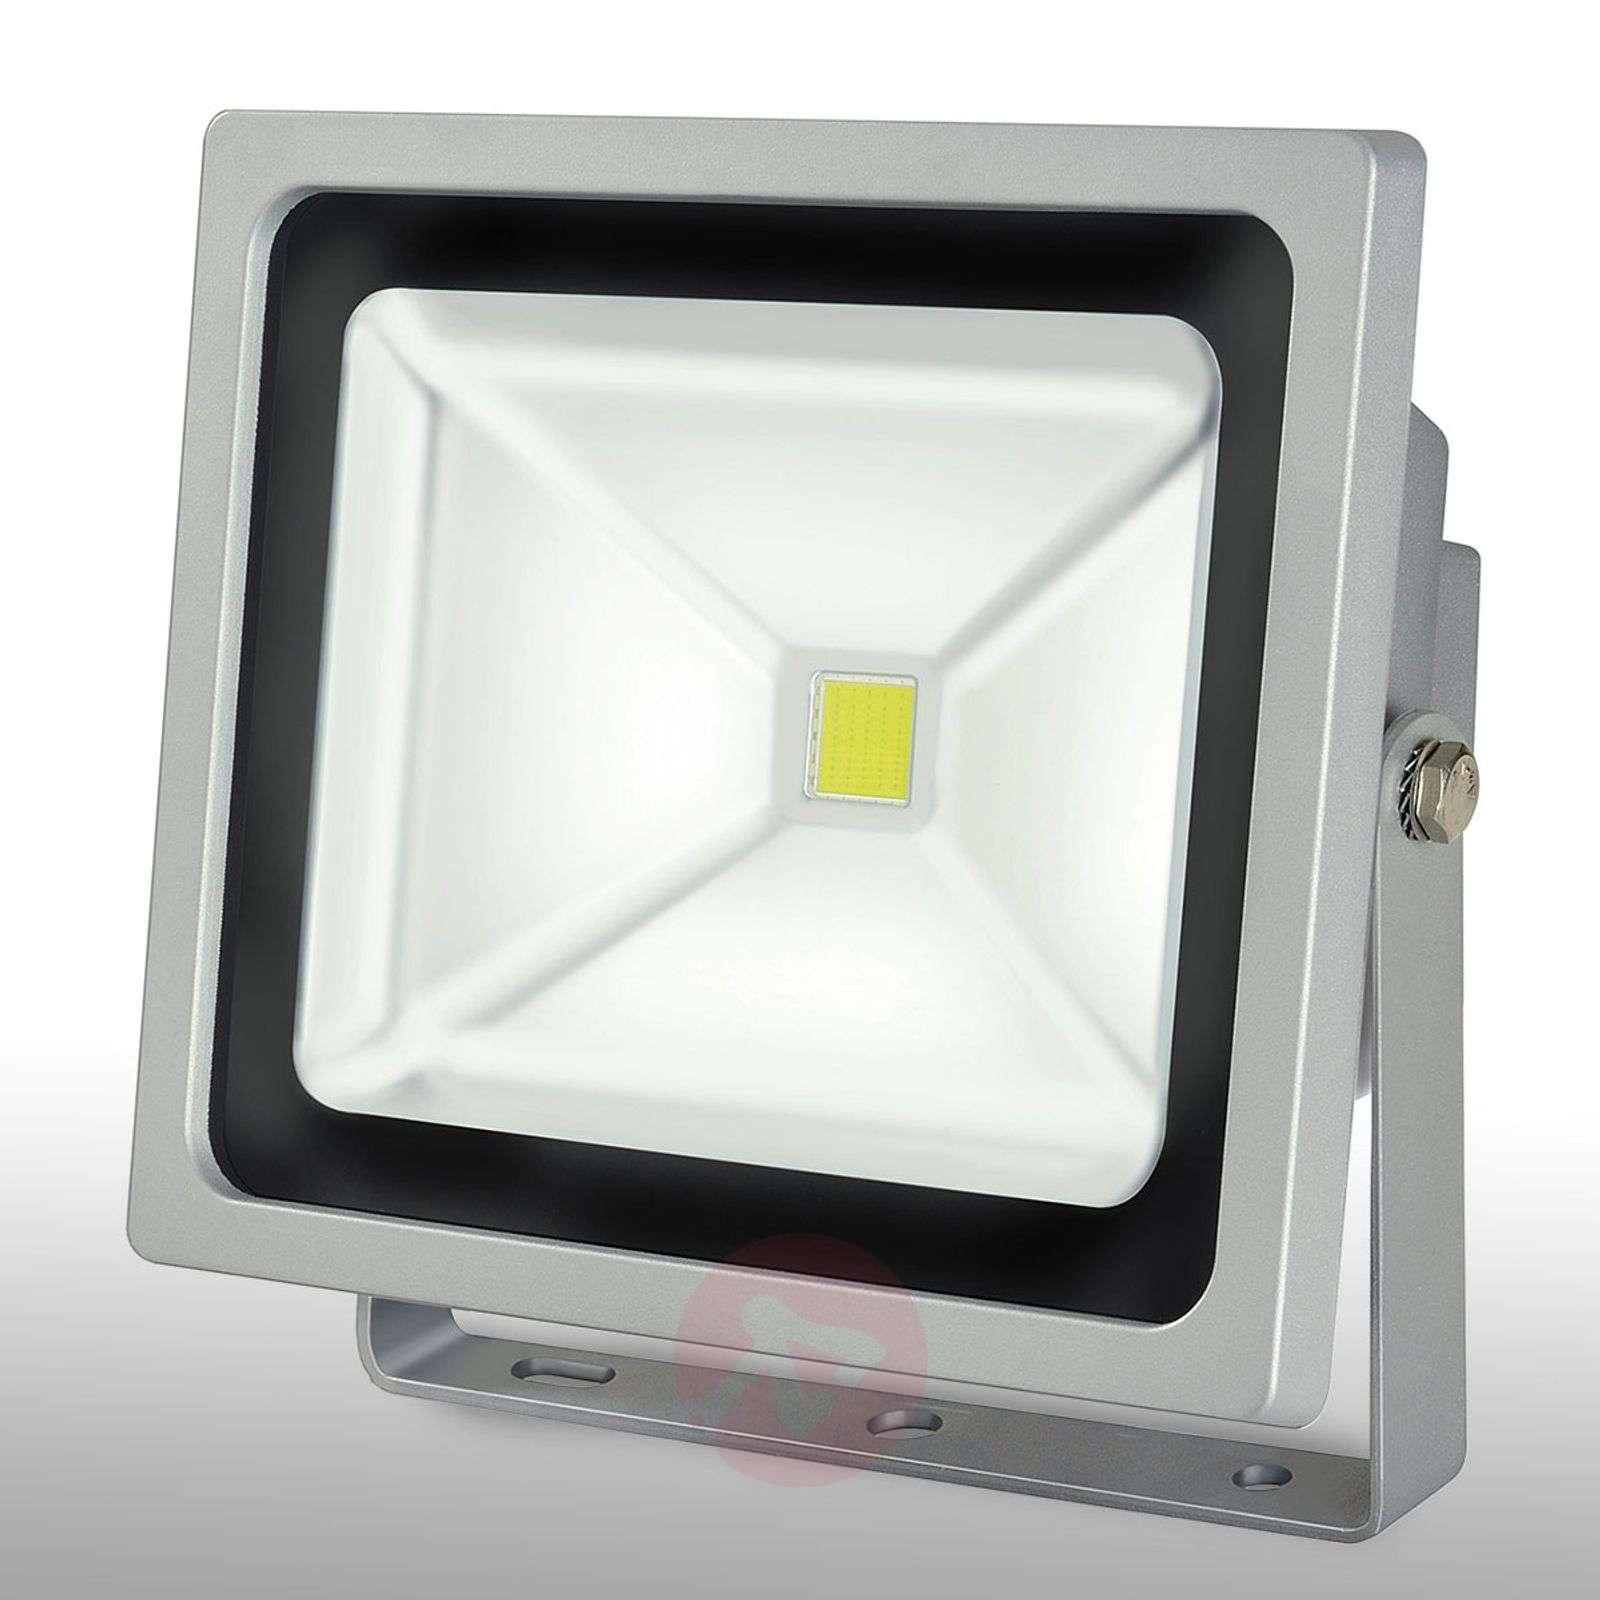 L CN 150V LED outdoor spotlight, wall installation-1540190-01